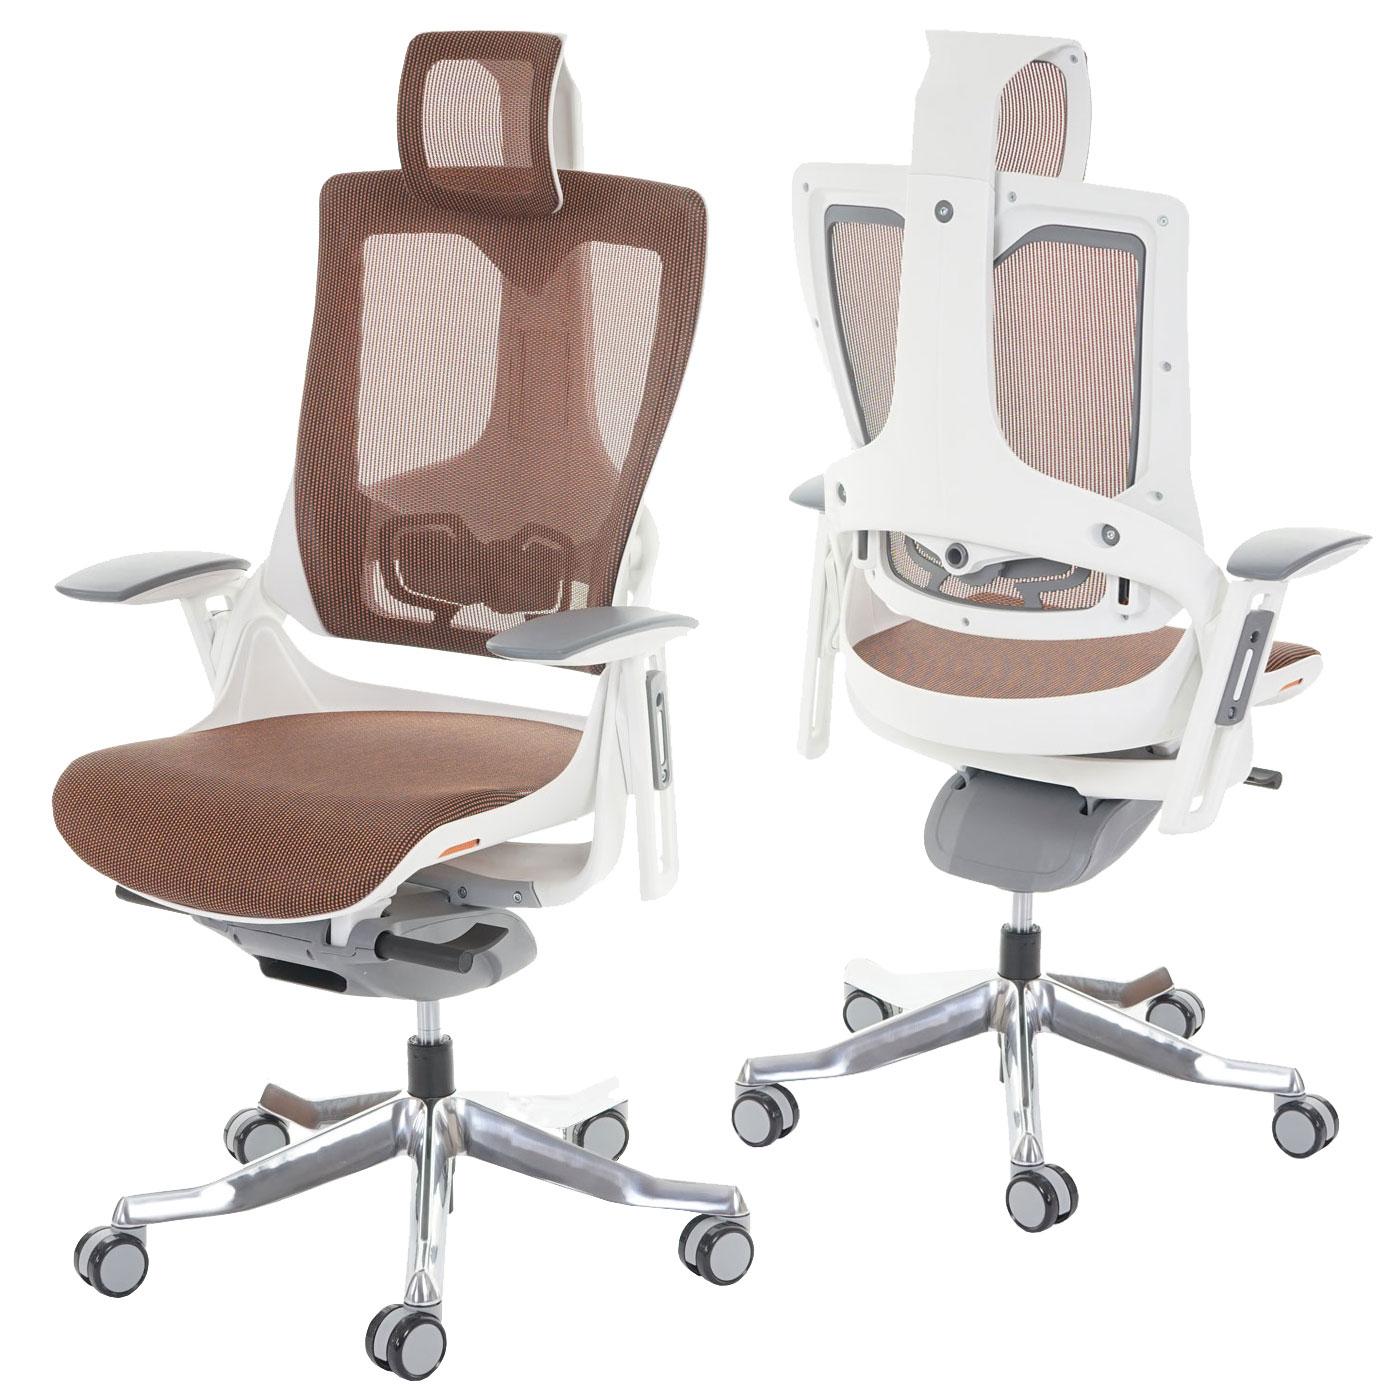 Schreibtischstuhl ergonomisch  MERRYFAIR Wau 2, Schreibtischstuhl Drehstuhl, Polster/Netz ...